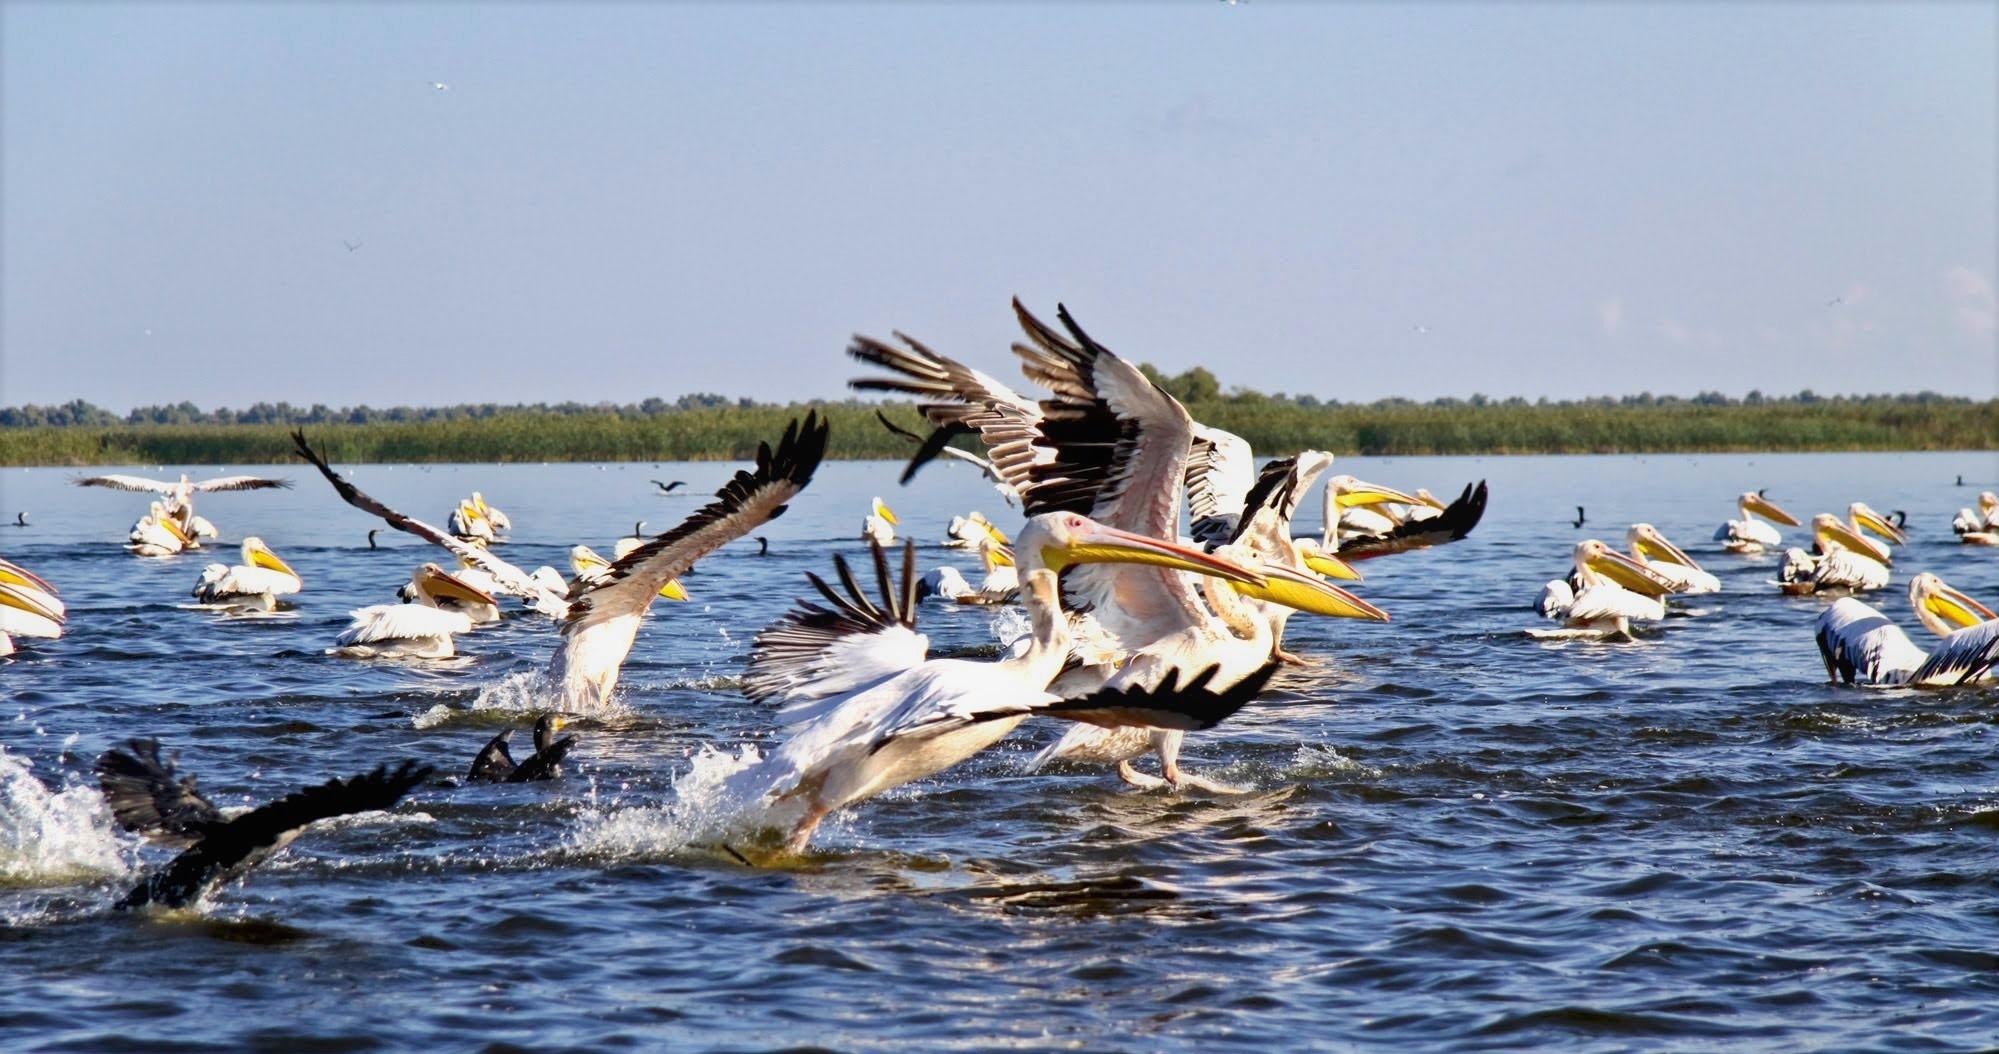 7. Danube delta